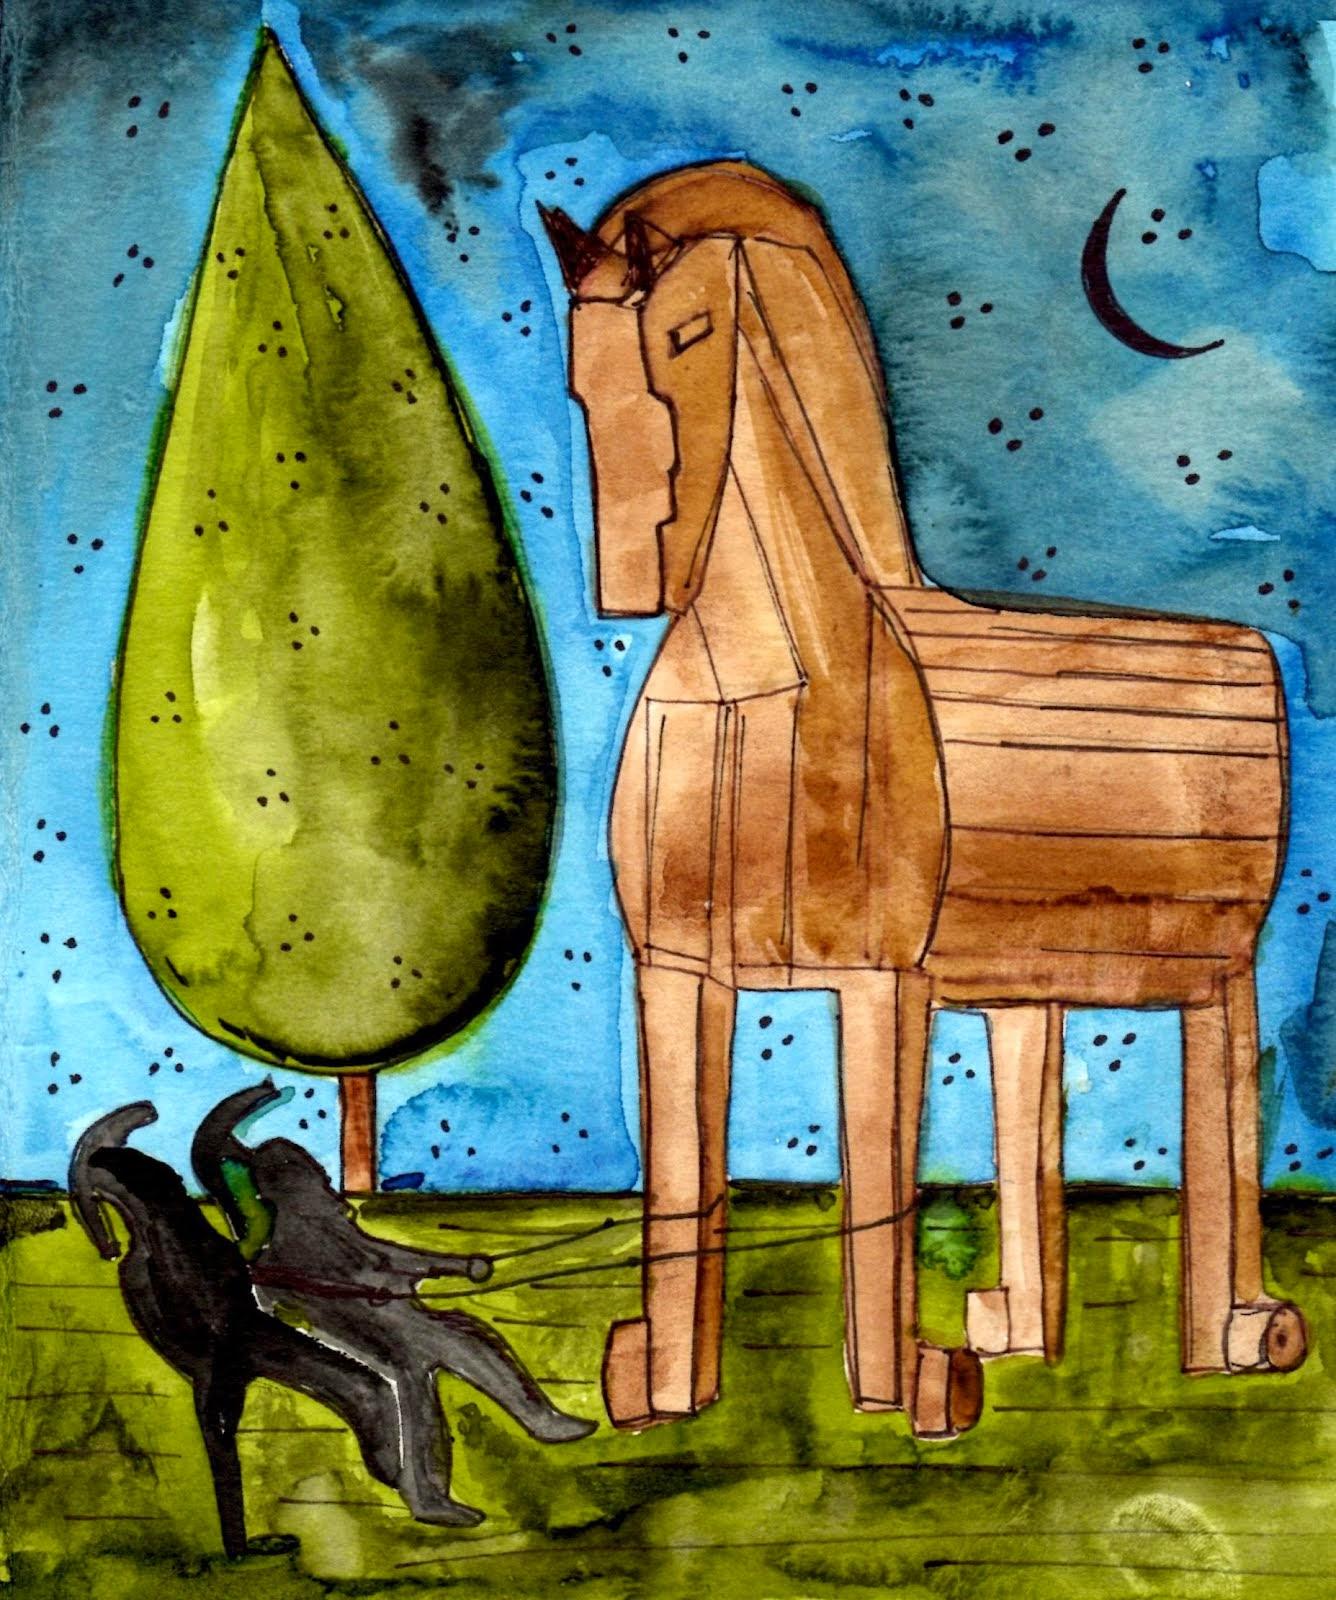 Η Μαγική Τράπουλα της Μυθολογίας